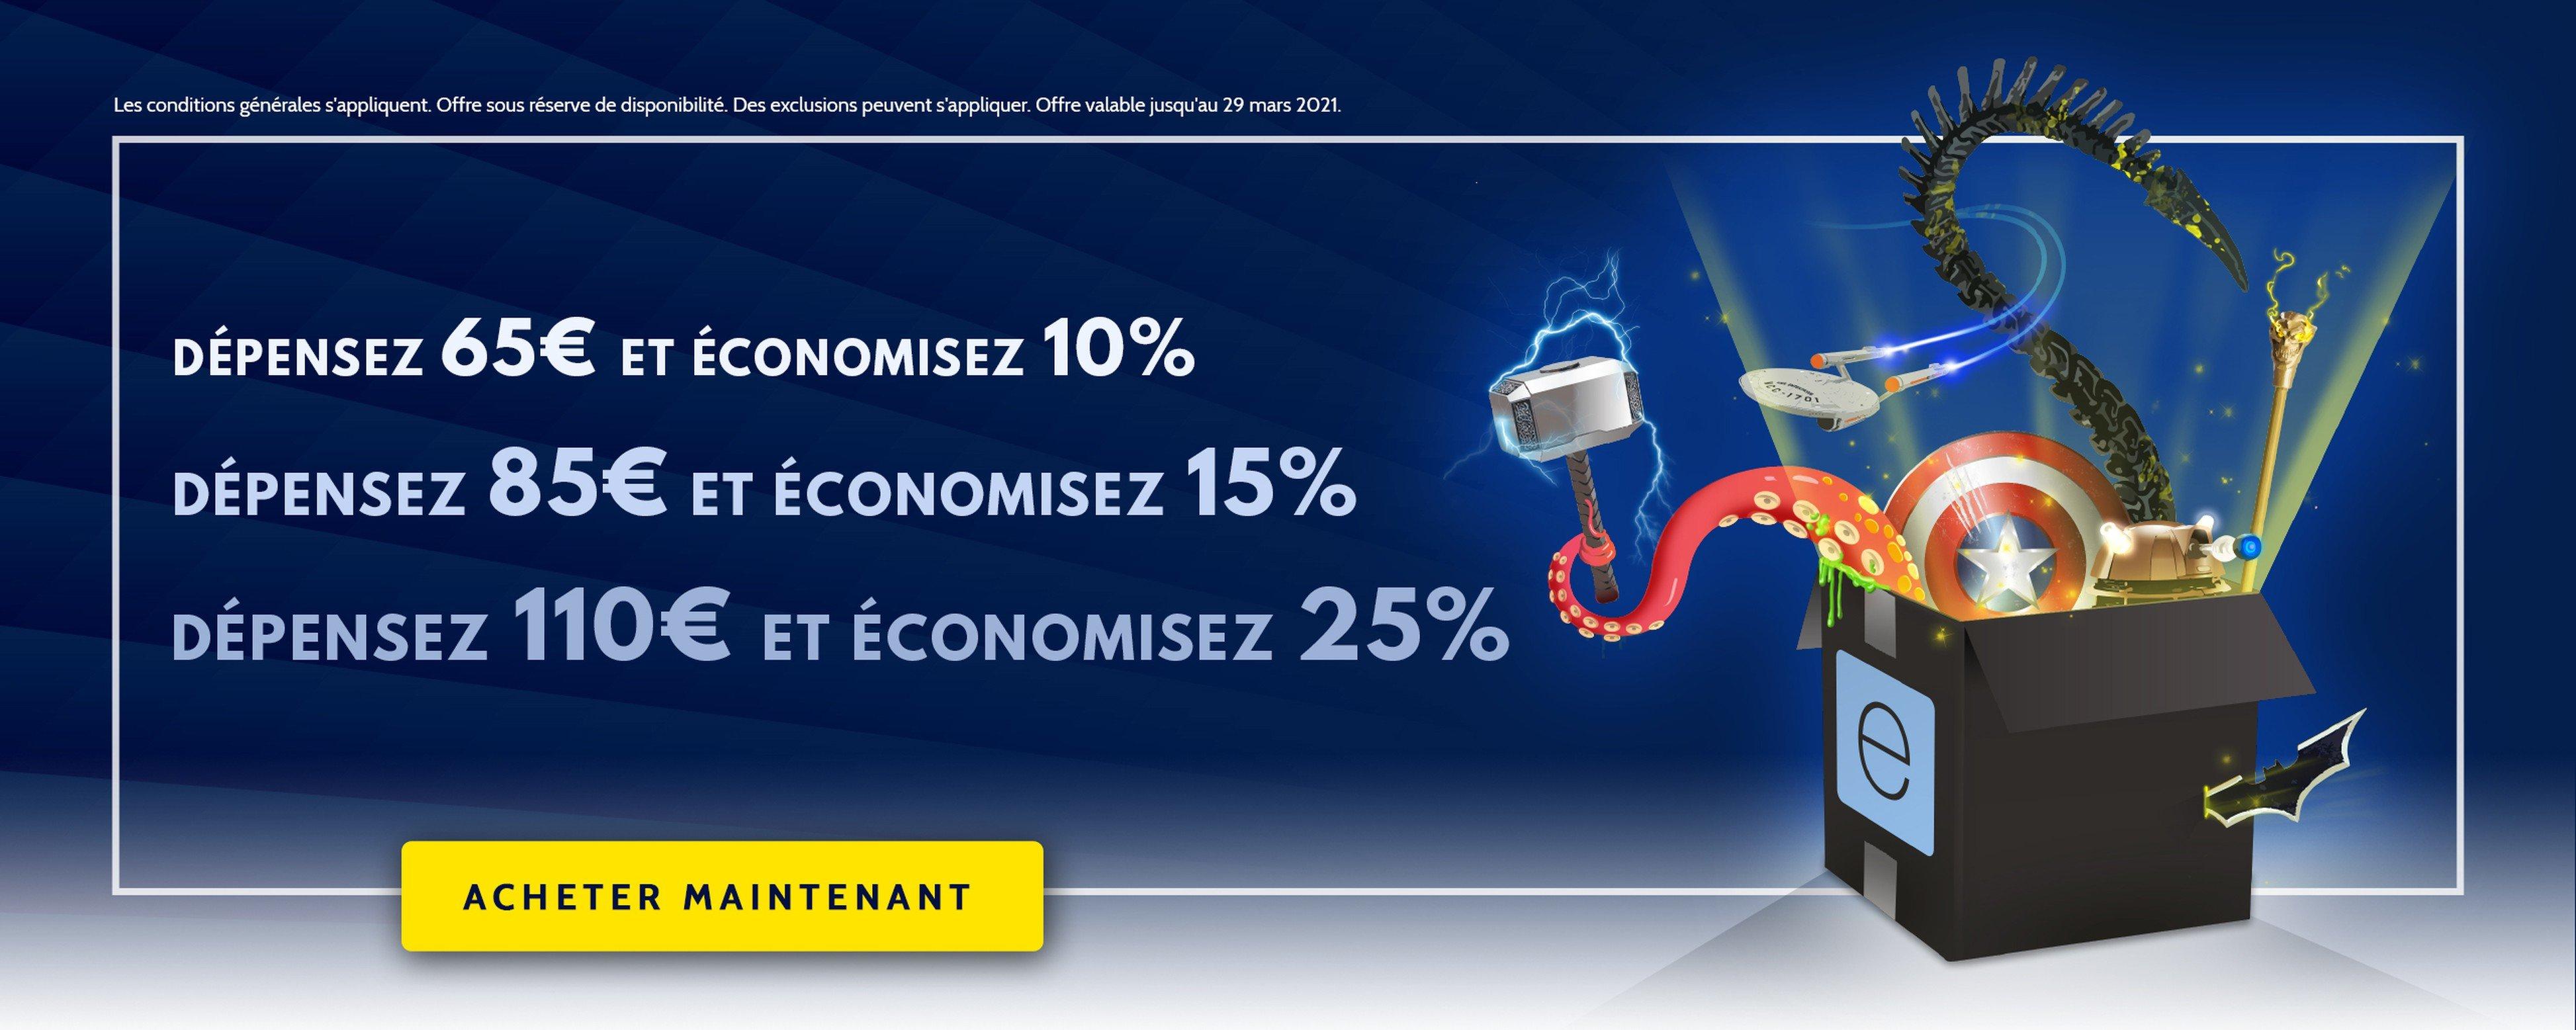 10% de réduction dès 65€ d'achat sur tout le site, 15% dès 85 € d'achat et 25% dès 110€ d'achat